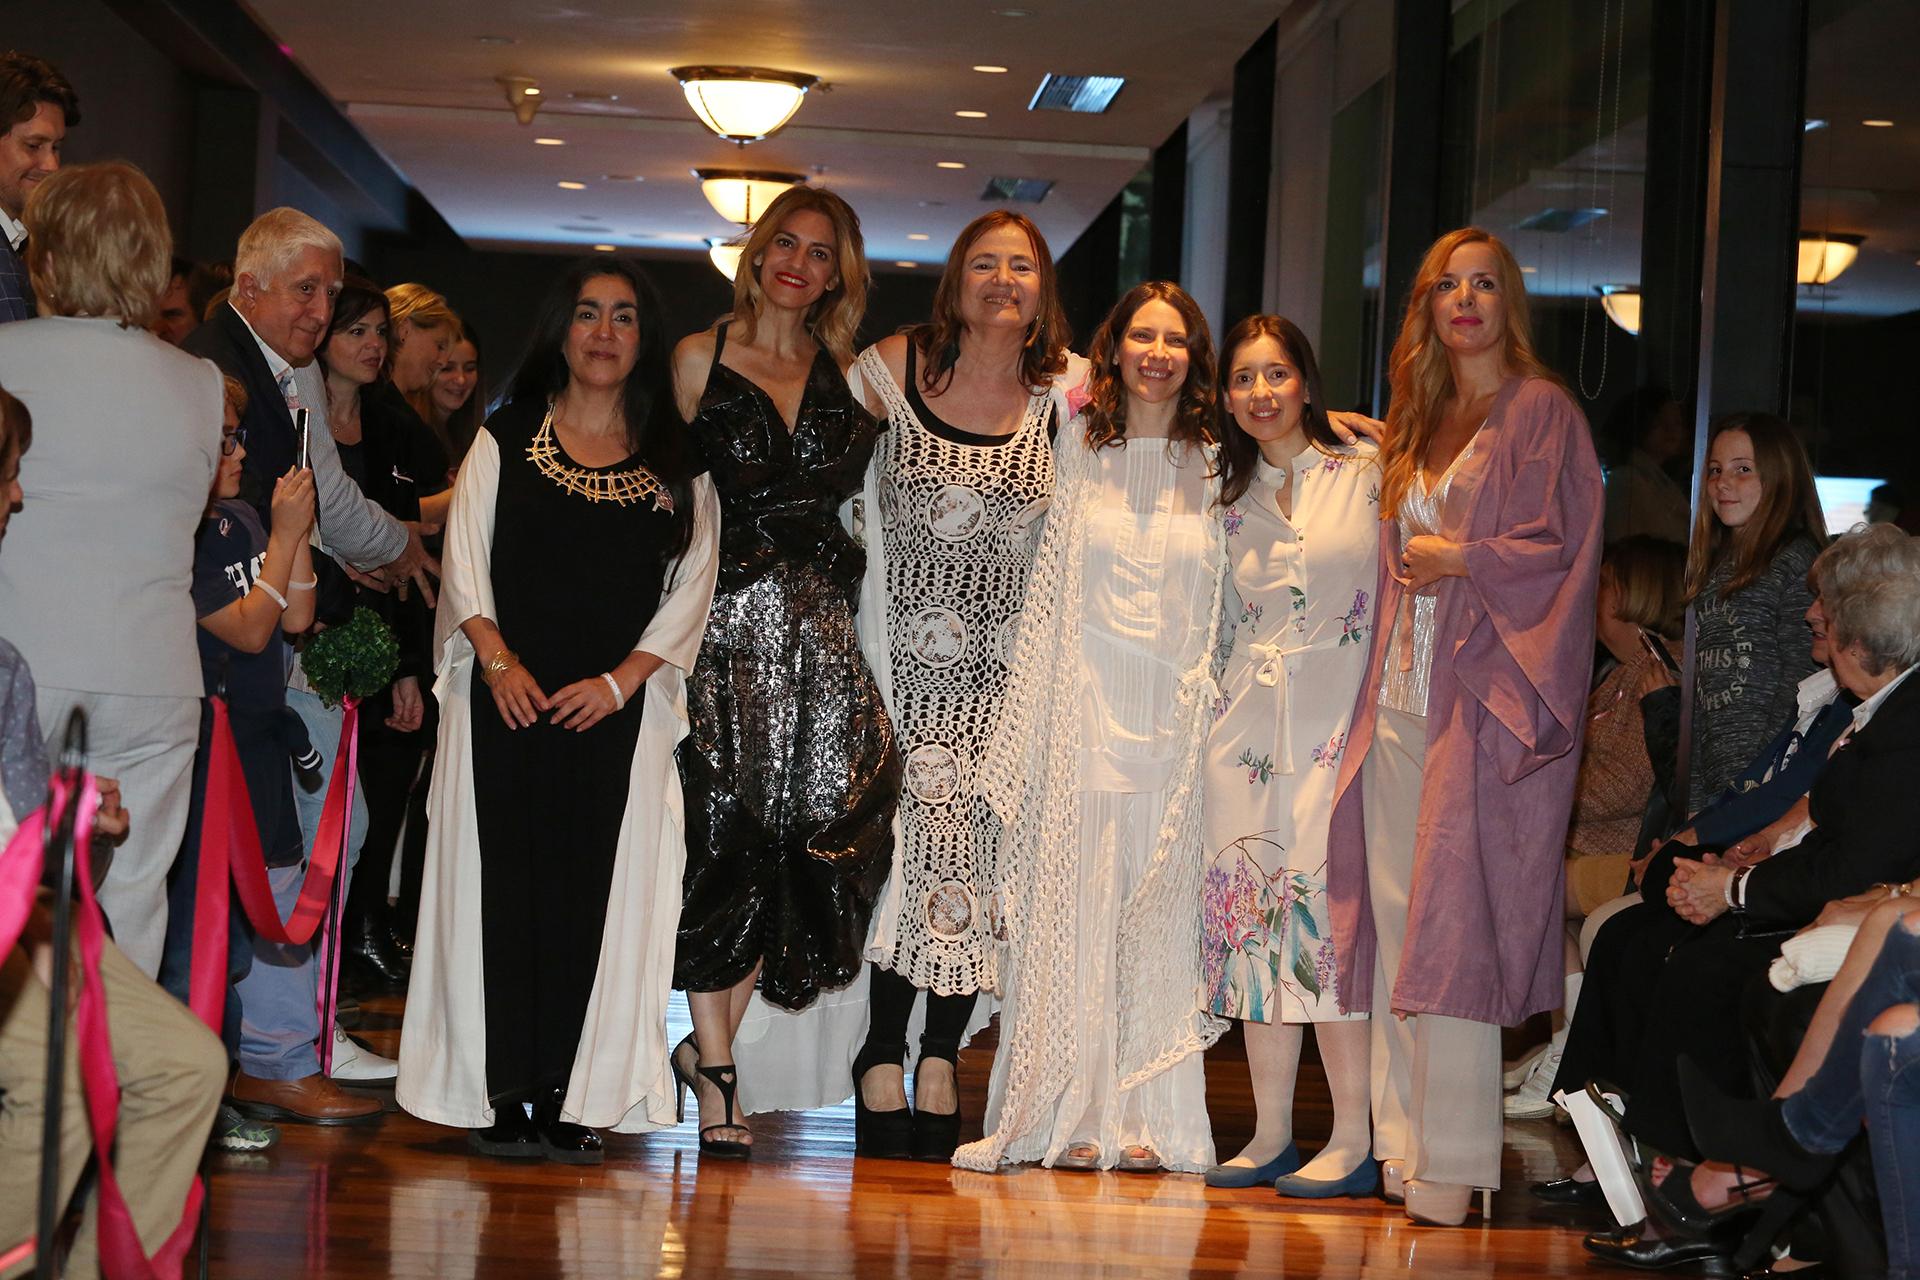 Cada diseñadora estuvo acompañada por una mujer referente en sustentabilidad y emprendedorismo, como Cosecha Vintage quien estuvo representada por Elena Roger y Carla Andrea quien estuvo representada por Alejandra Scafati, directora de la Fundación Ecomujeres